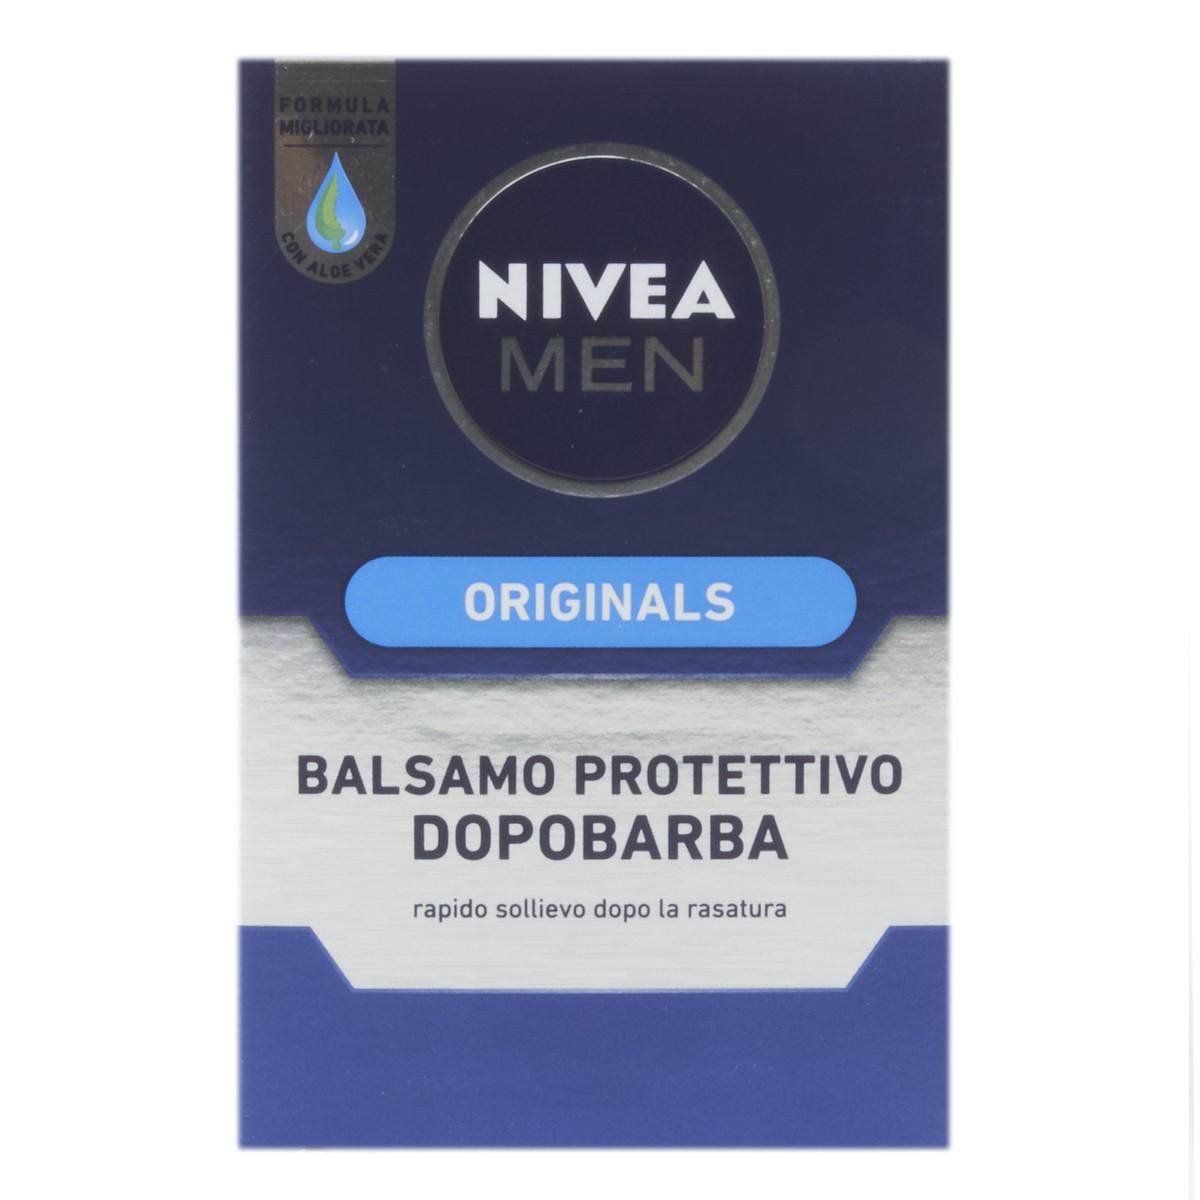 Nivea Men Balsamo Protettivo Dopobarba